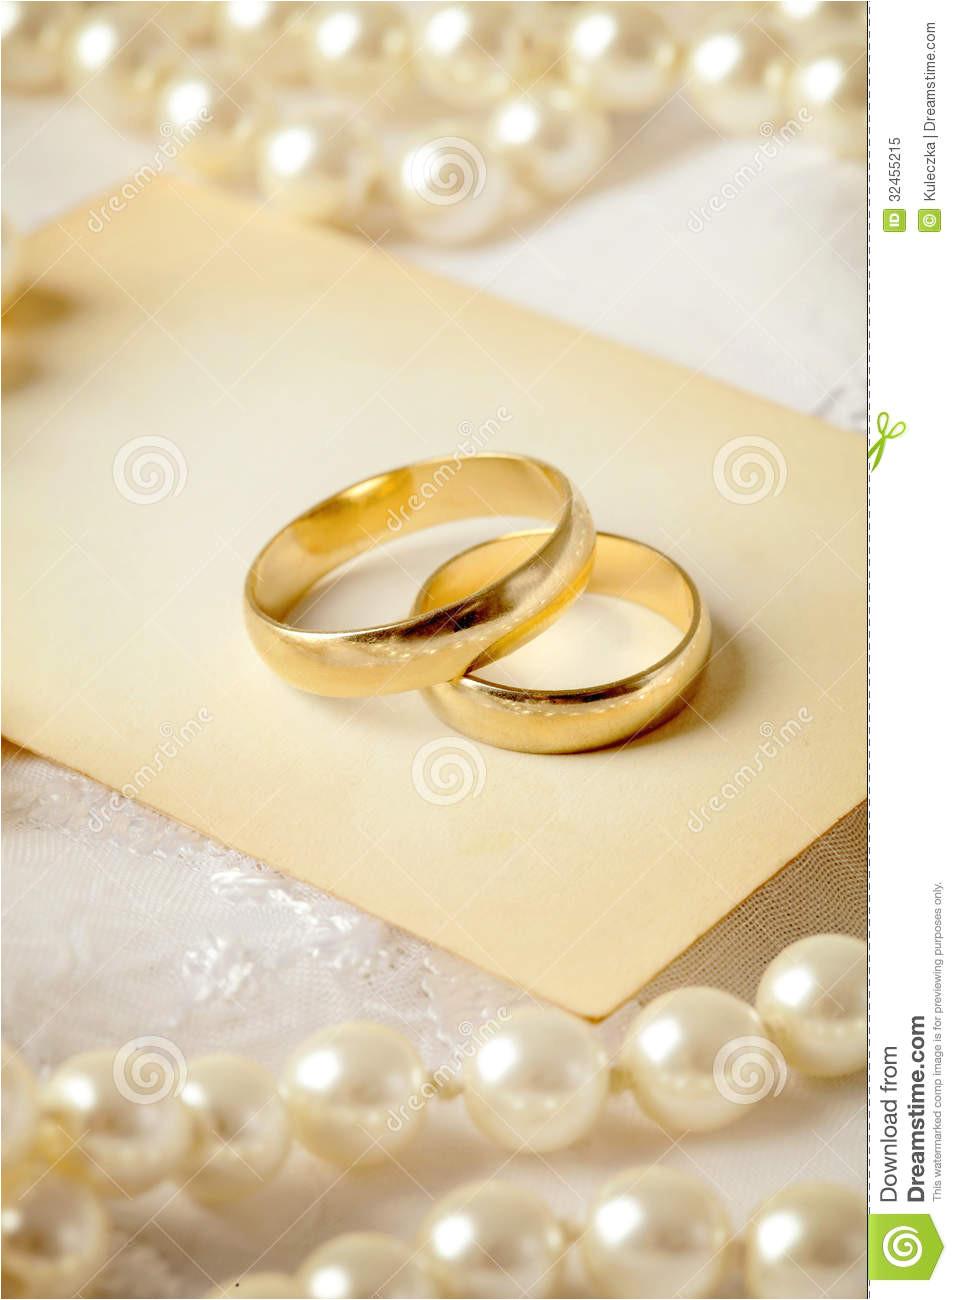 photo libre de droits invitation de mariage image32455215